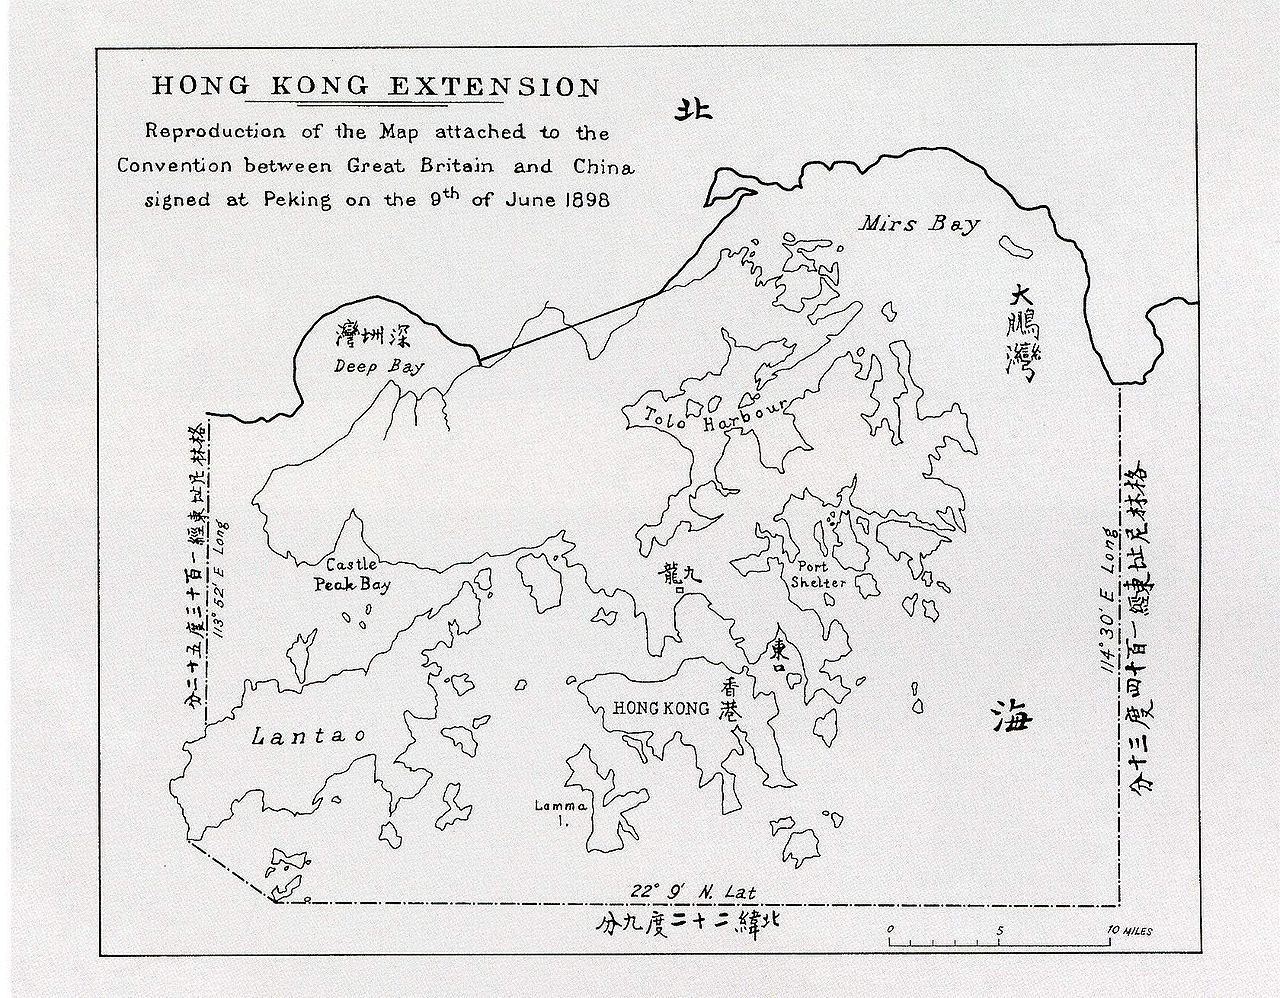 清政府与英国签订《展拓香港界址专条》——租新界给英国